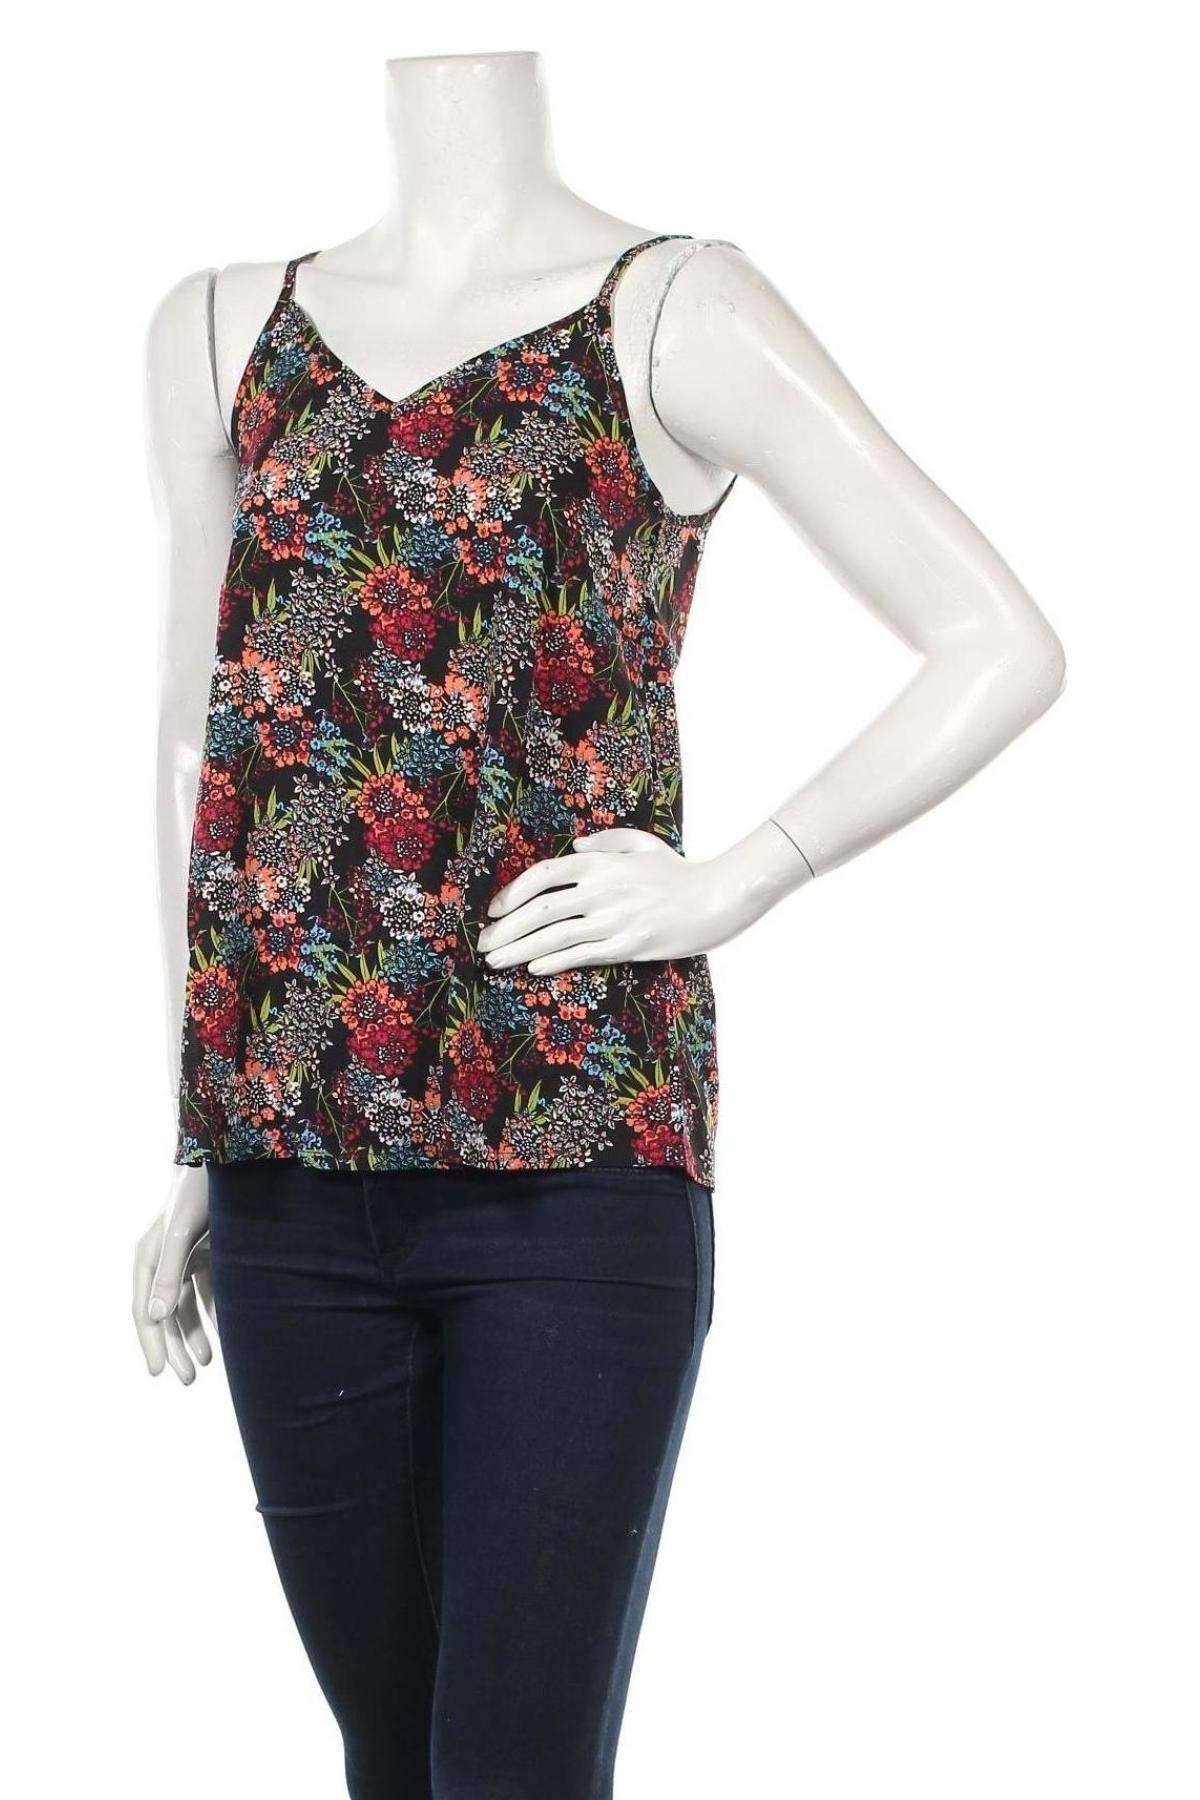 Γυναικείο αμάνικο μπλουζάκι Be You, Μέγεθος M, Χρώμα Πολύχρωμο, Πολυεστέρας, Τιμή 12,37€